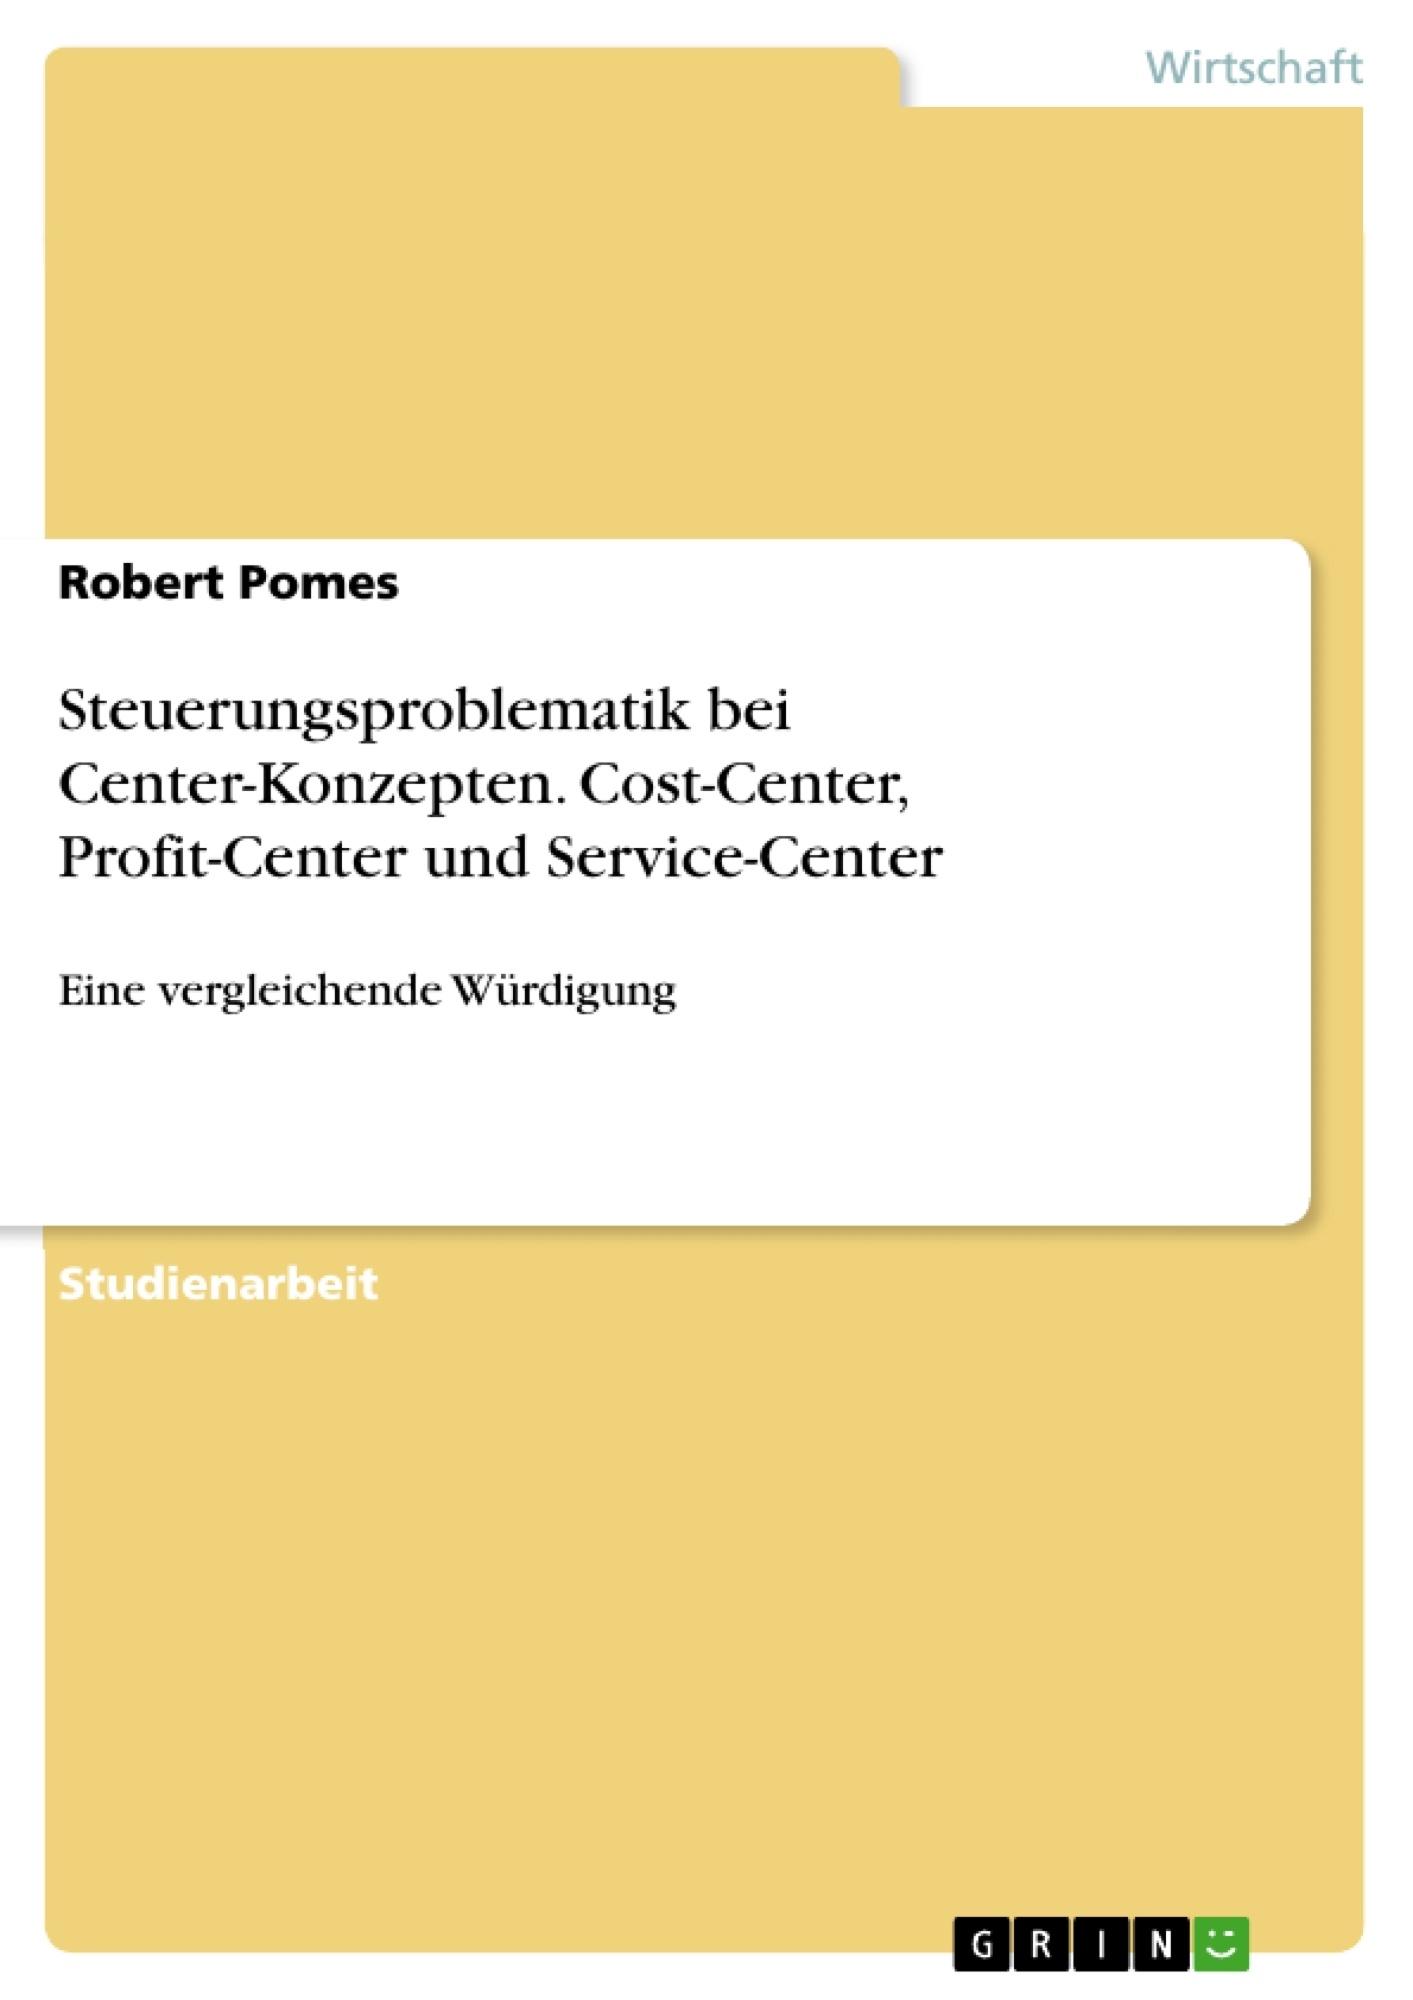 Titel: Steuerungsproblematik bei Center-Konzepten. Cost-Center, Profit-Center und Service-Center